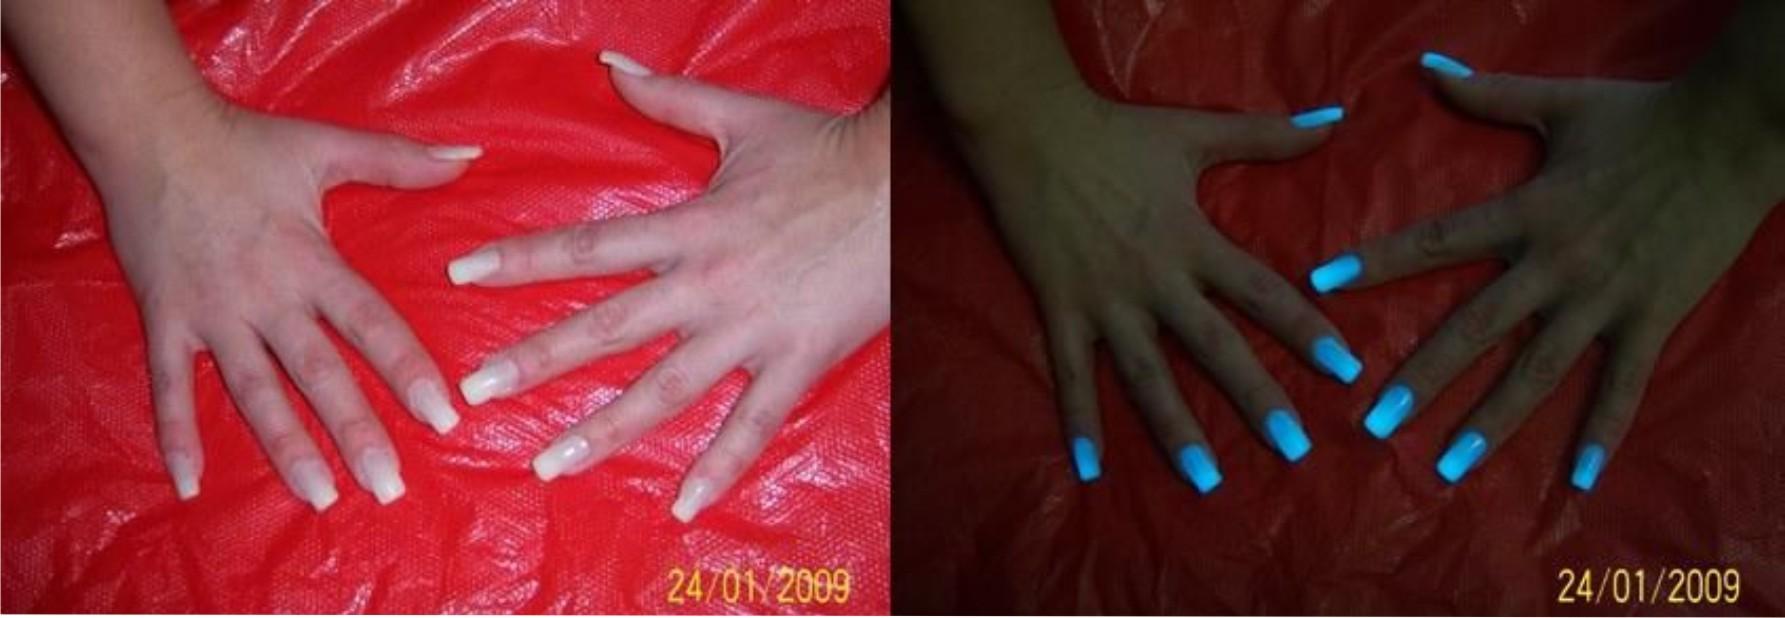 Вред от краски ногтей